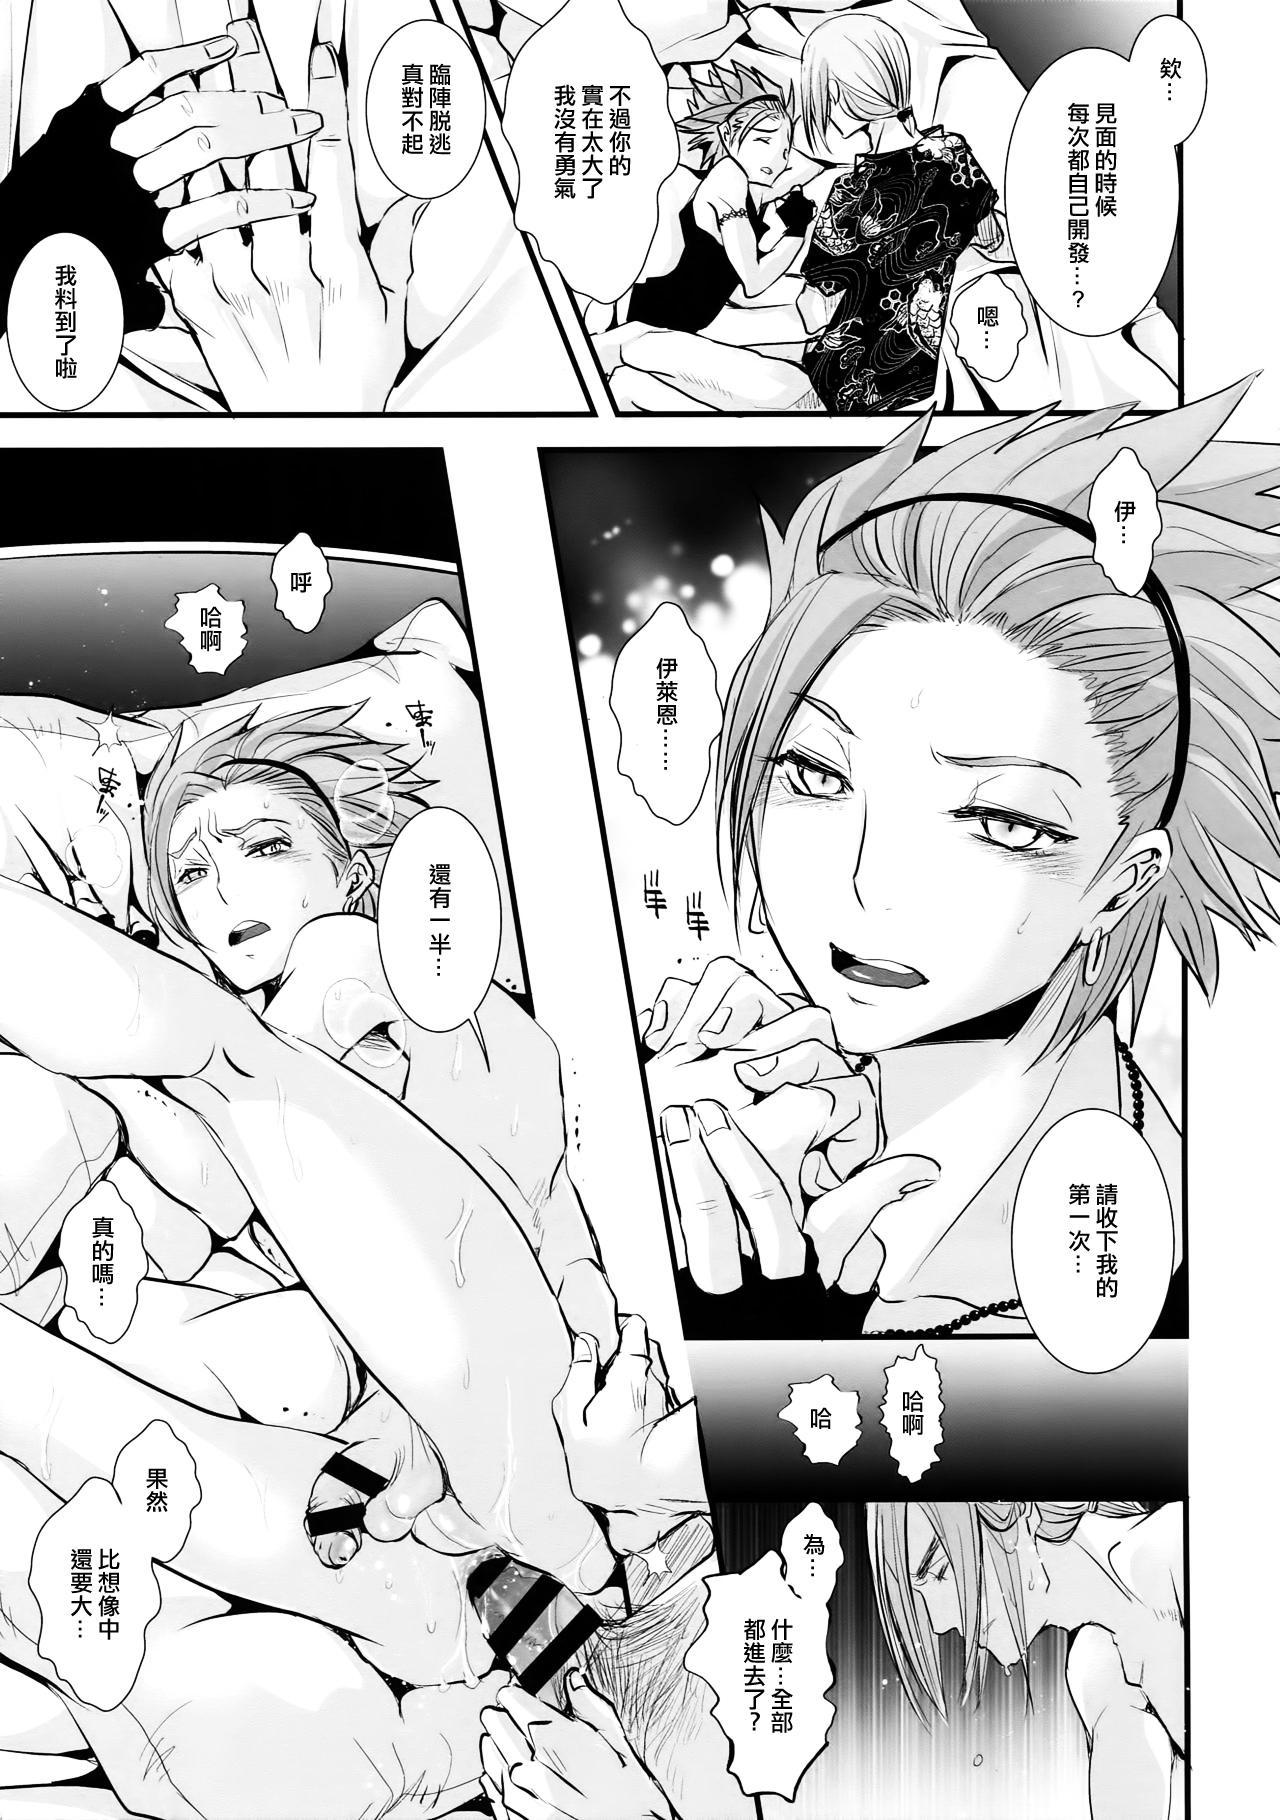 Hokubei-ban Erik ga Ecchi Sugiru node Boku no Camus mo Ecchi ni Chigainai 7